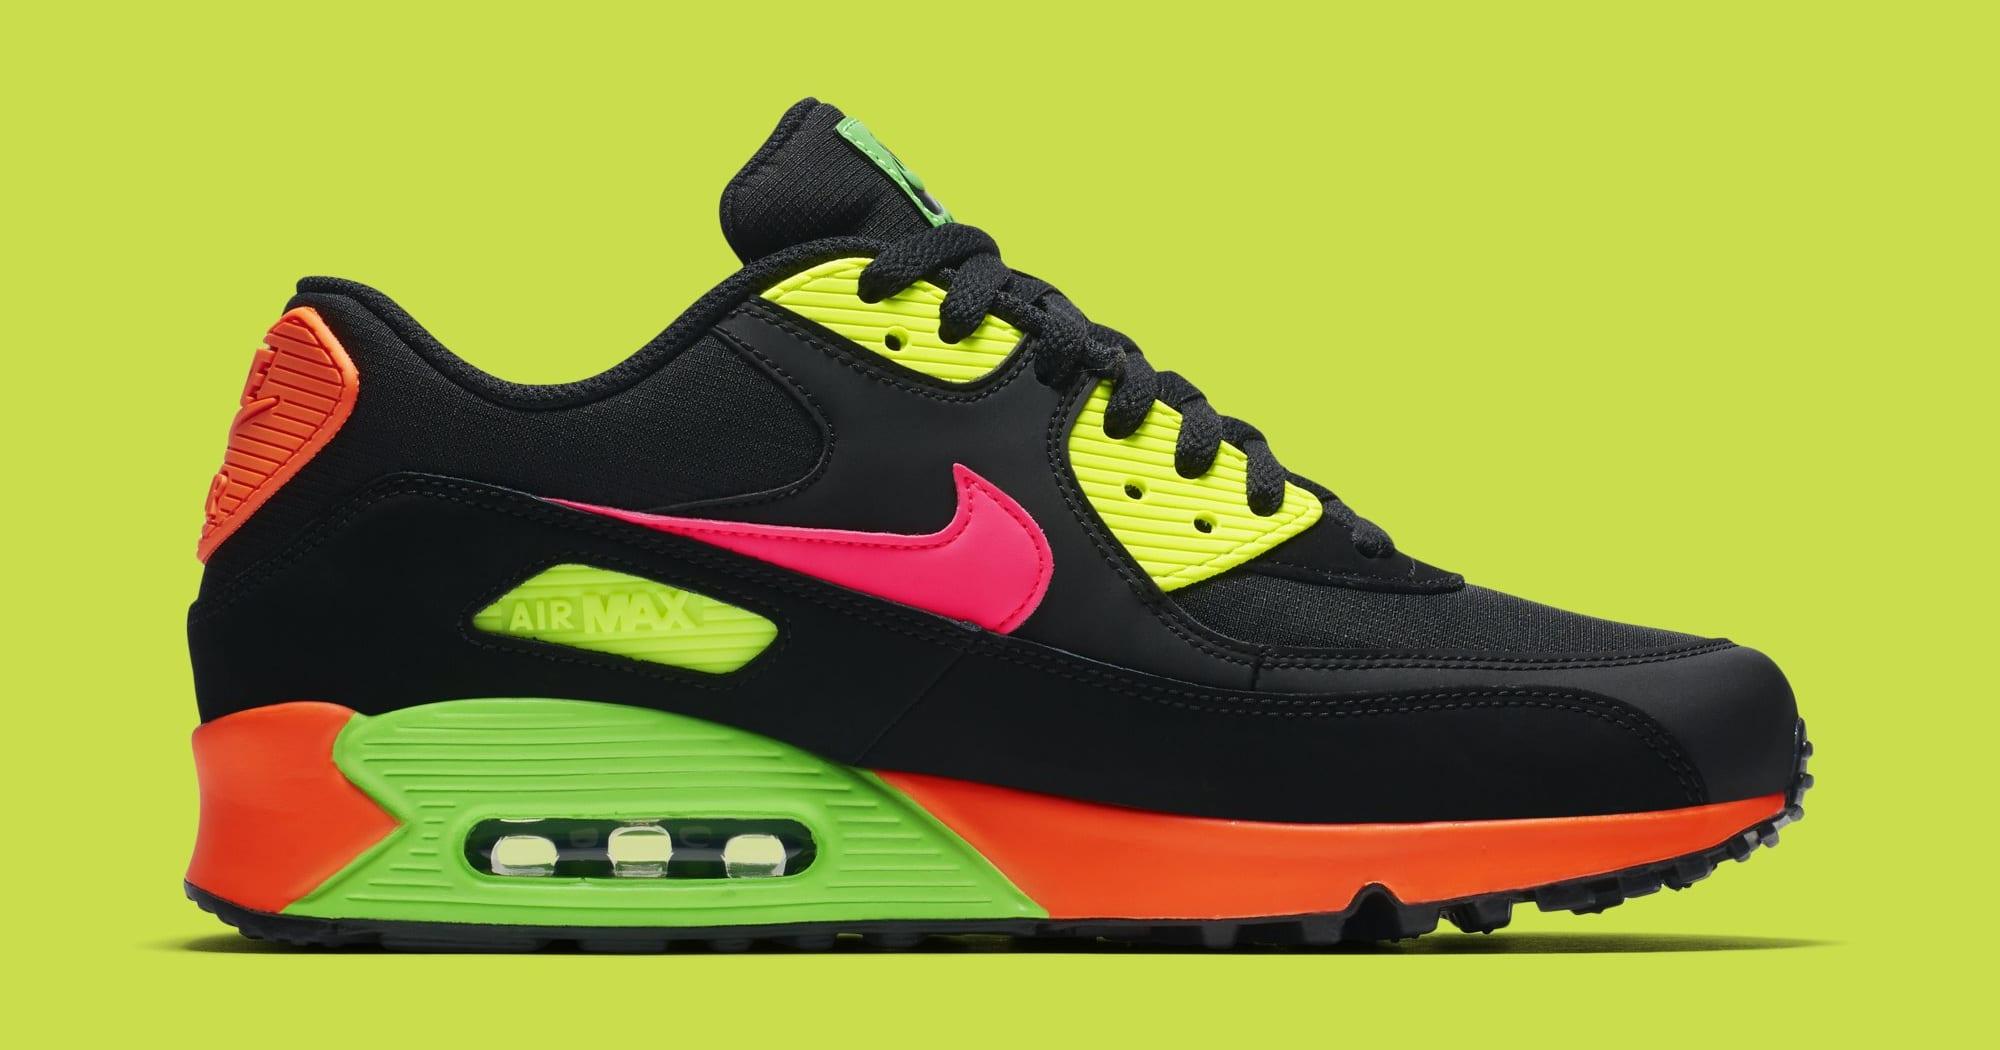 Nike Air Max 98 CI2291 083 Air Max 90 CI2290 064 'Tokyo Neon